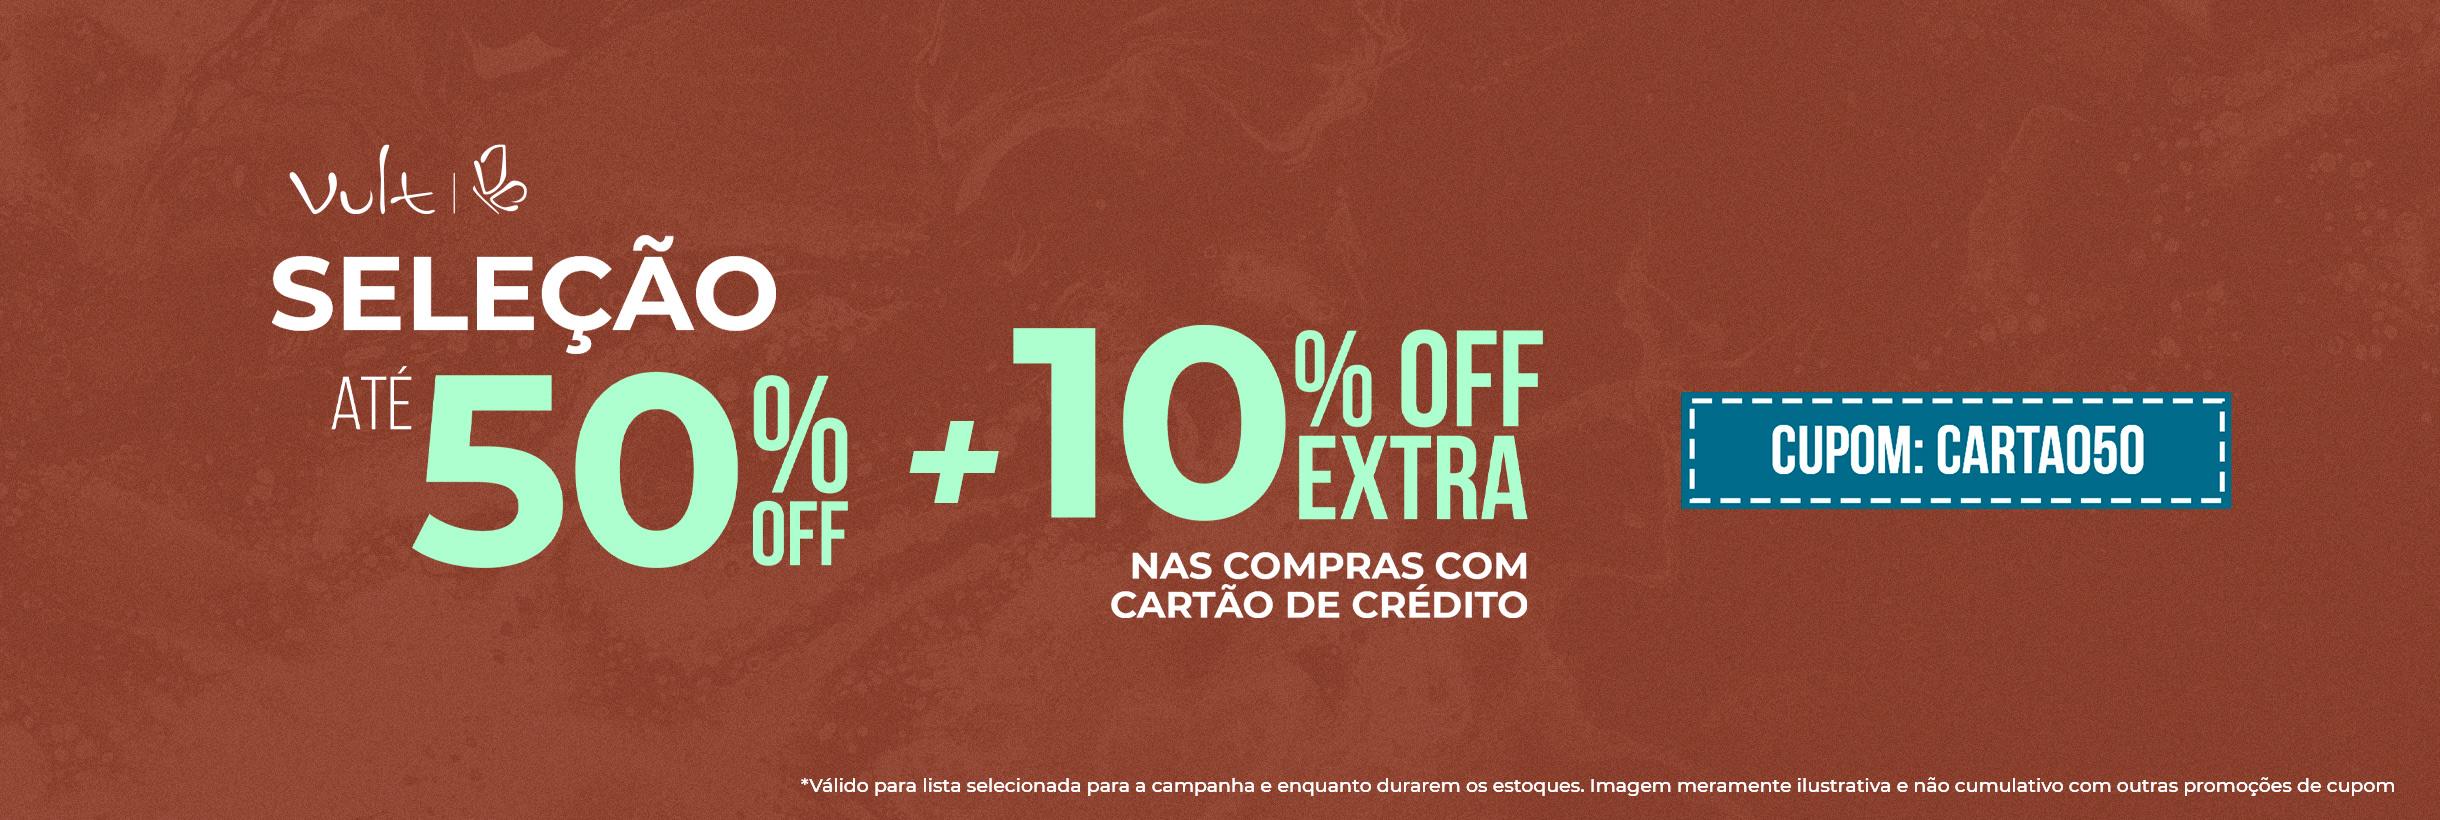 Seleção até 50% OFF + 10% OFF EXTRA nas compras com cartão de crédito